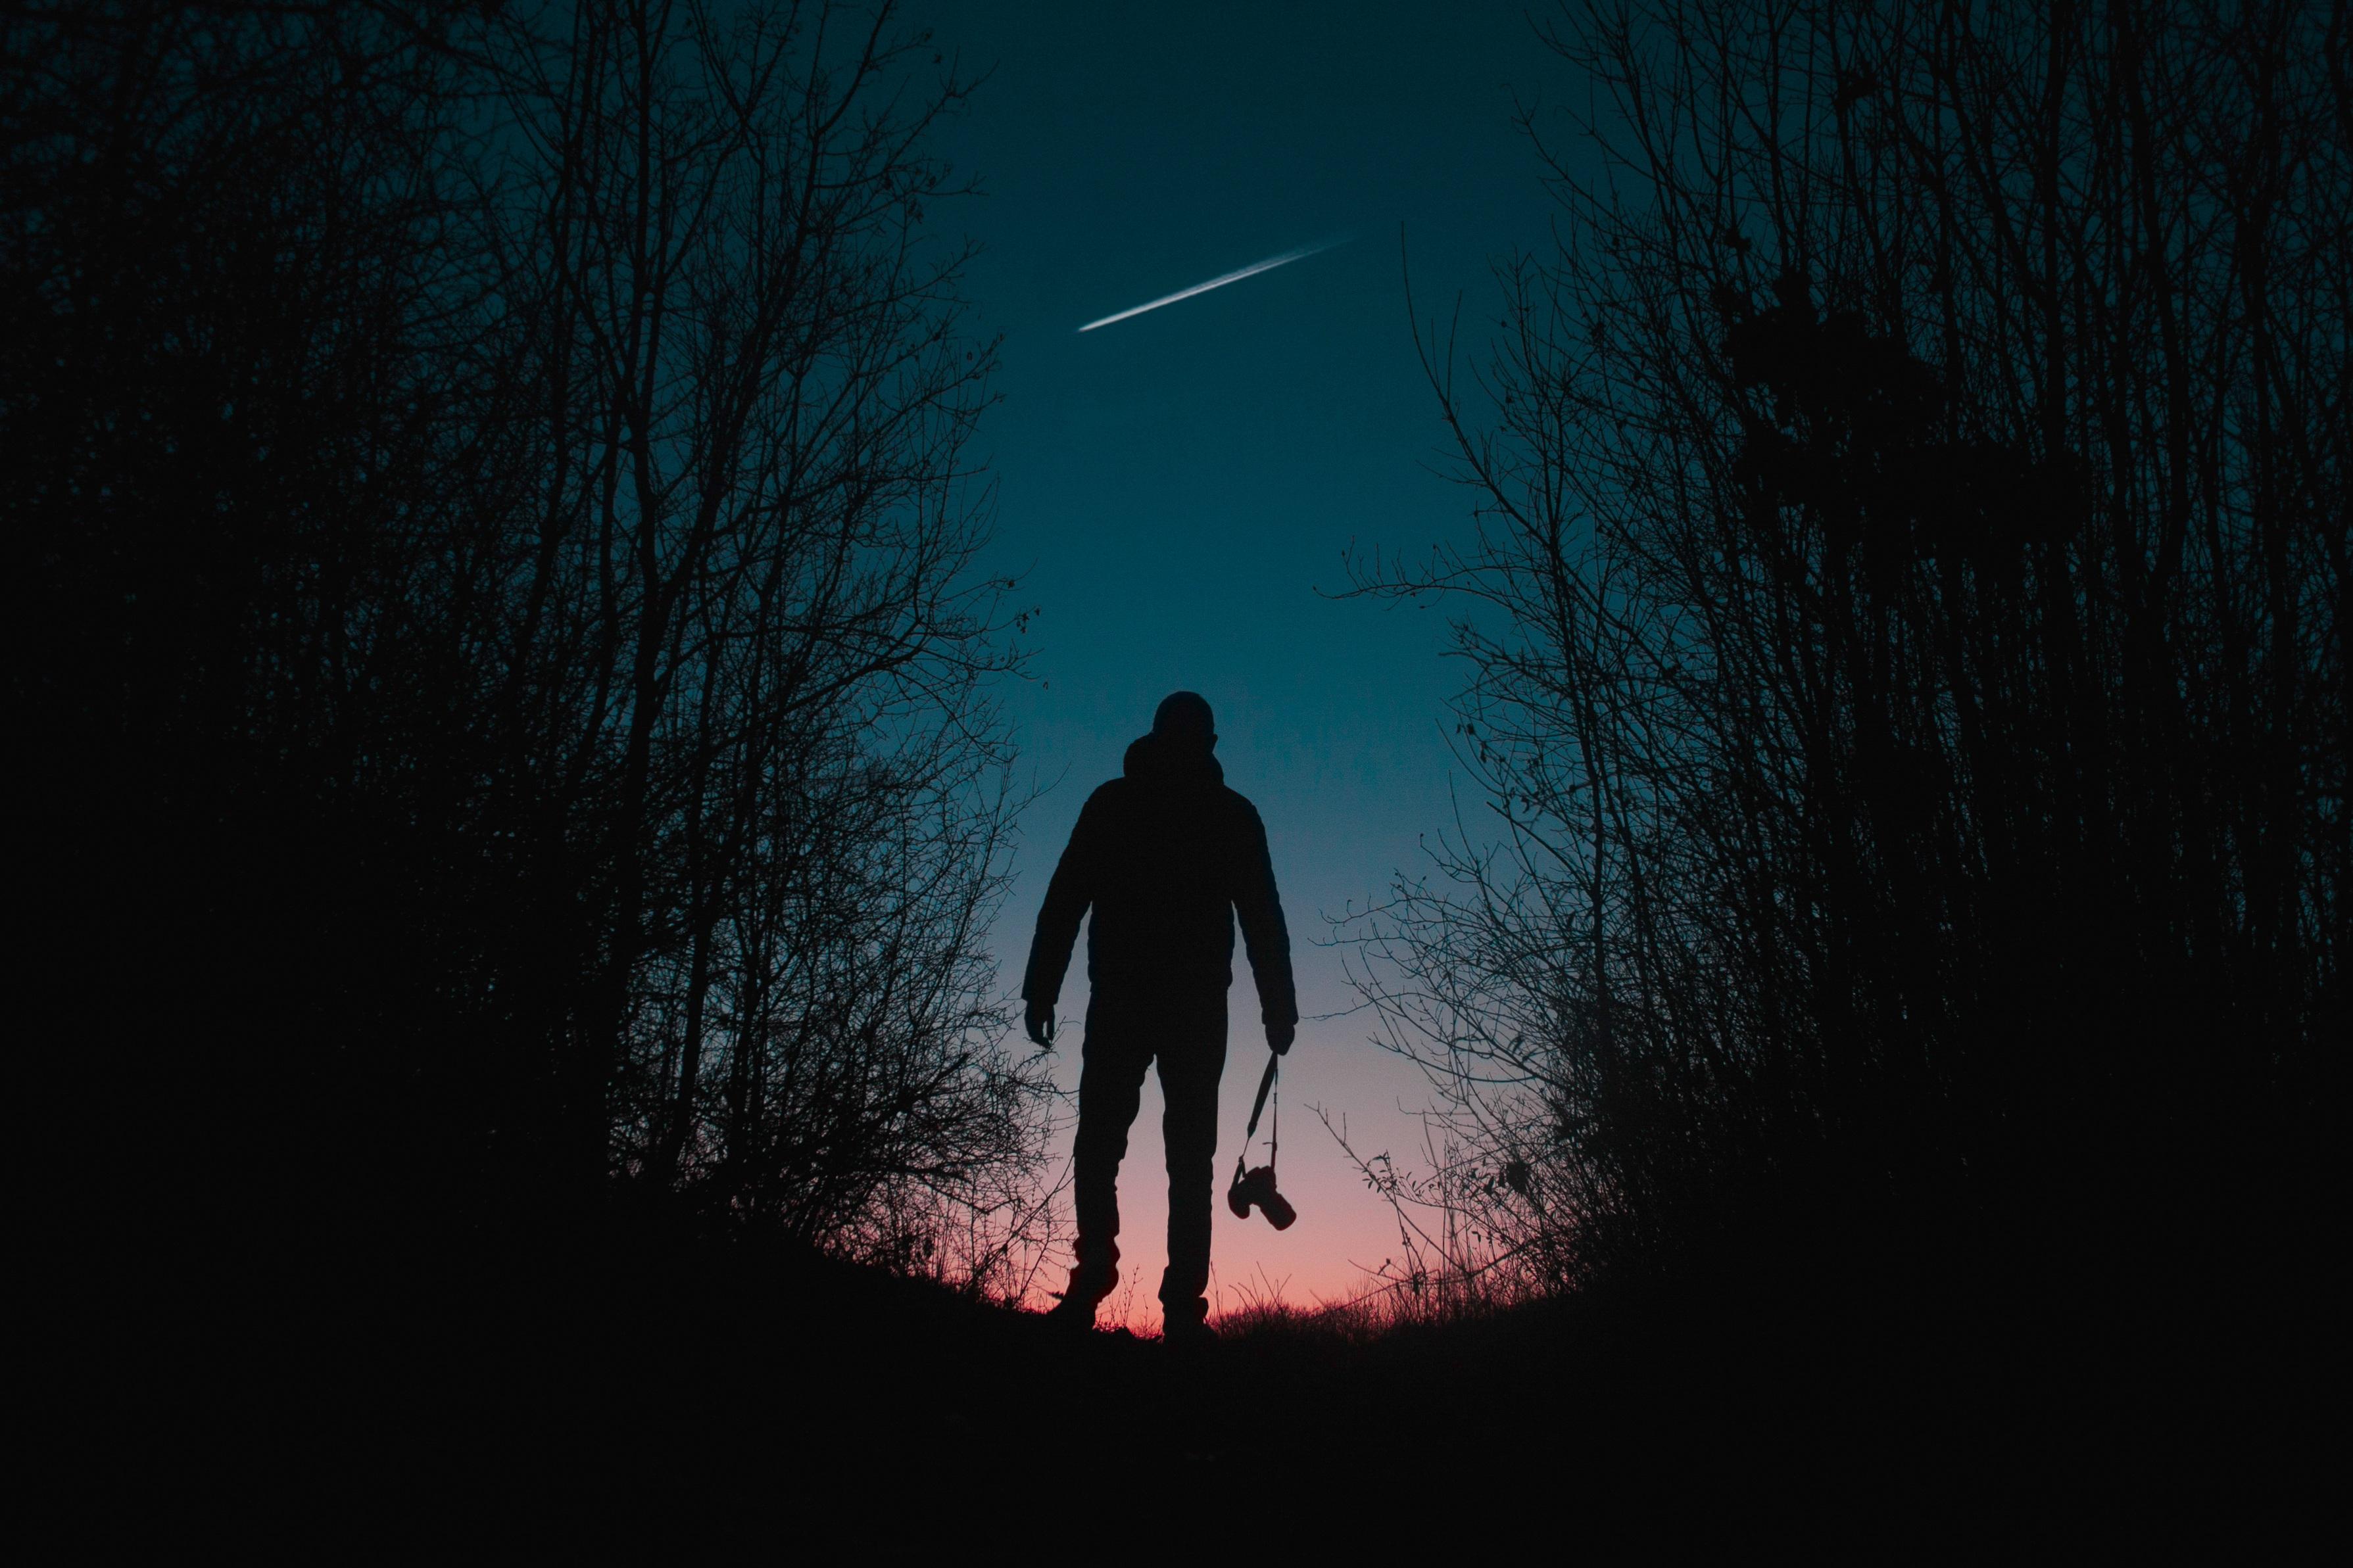 Картинки ночной человека